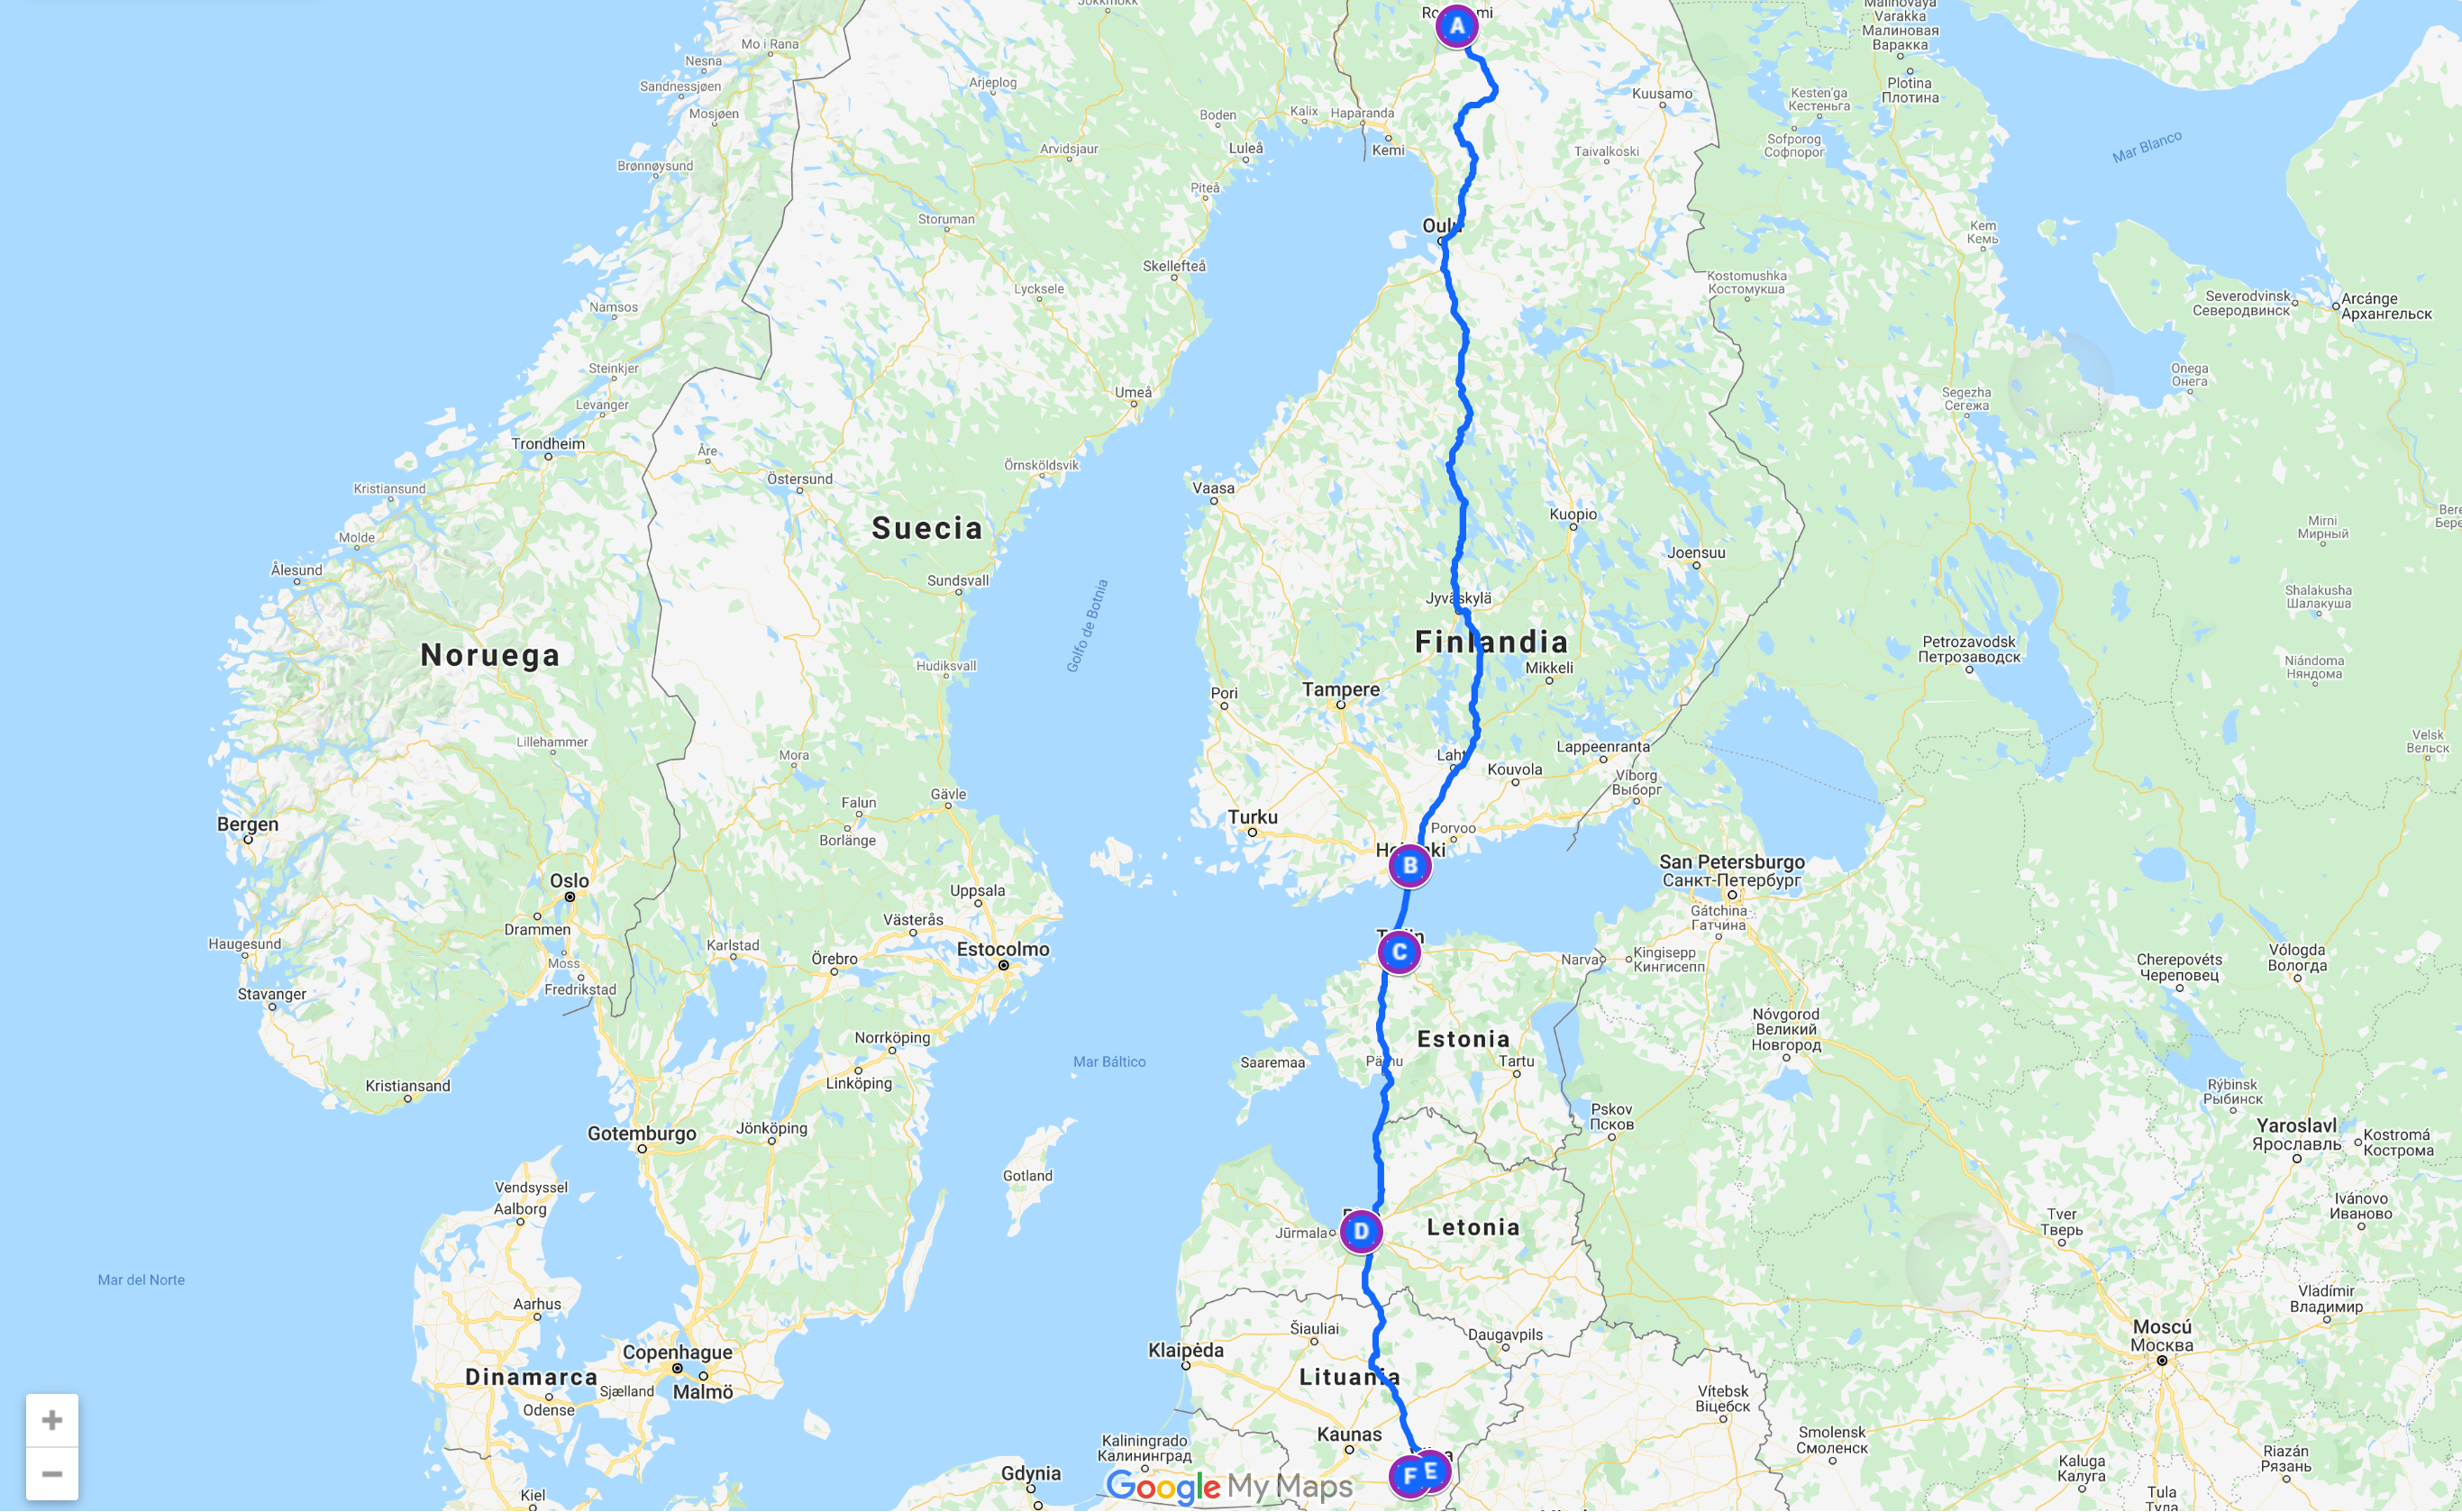 Recorrido por Finlandia,Estonia,Letonia y Lituania